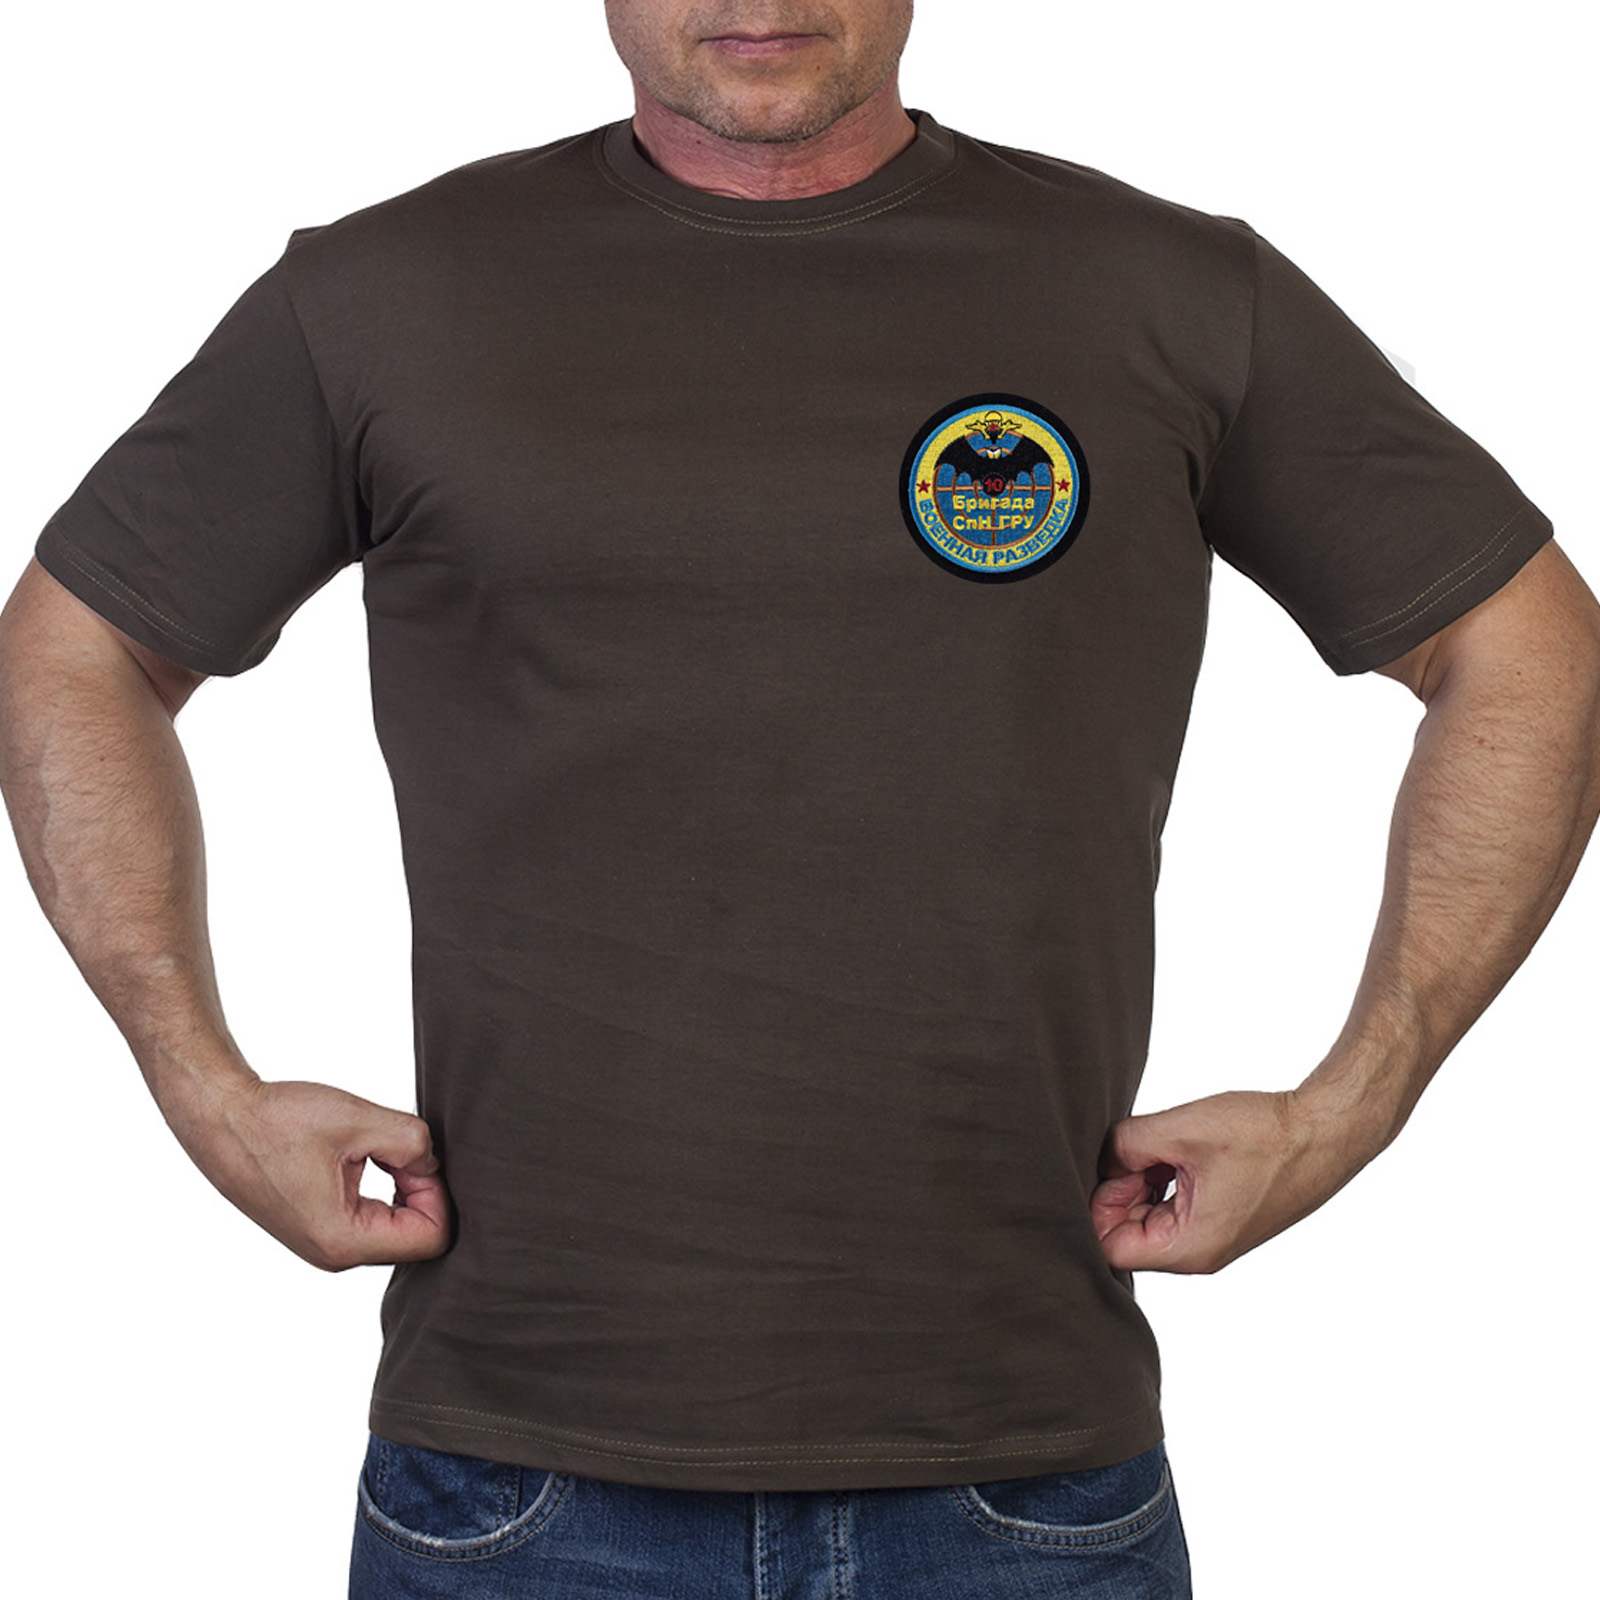 Мужская футболка 10 бригада Спецназа ГРУ